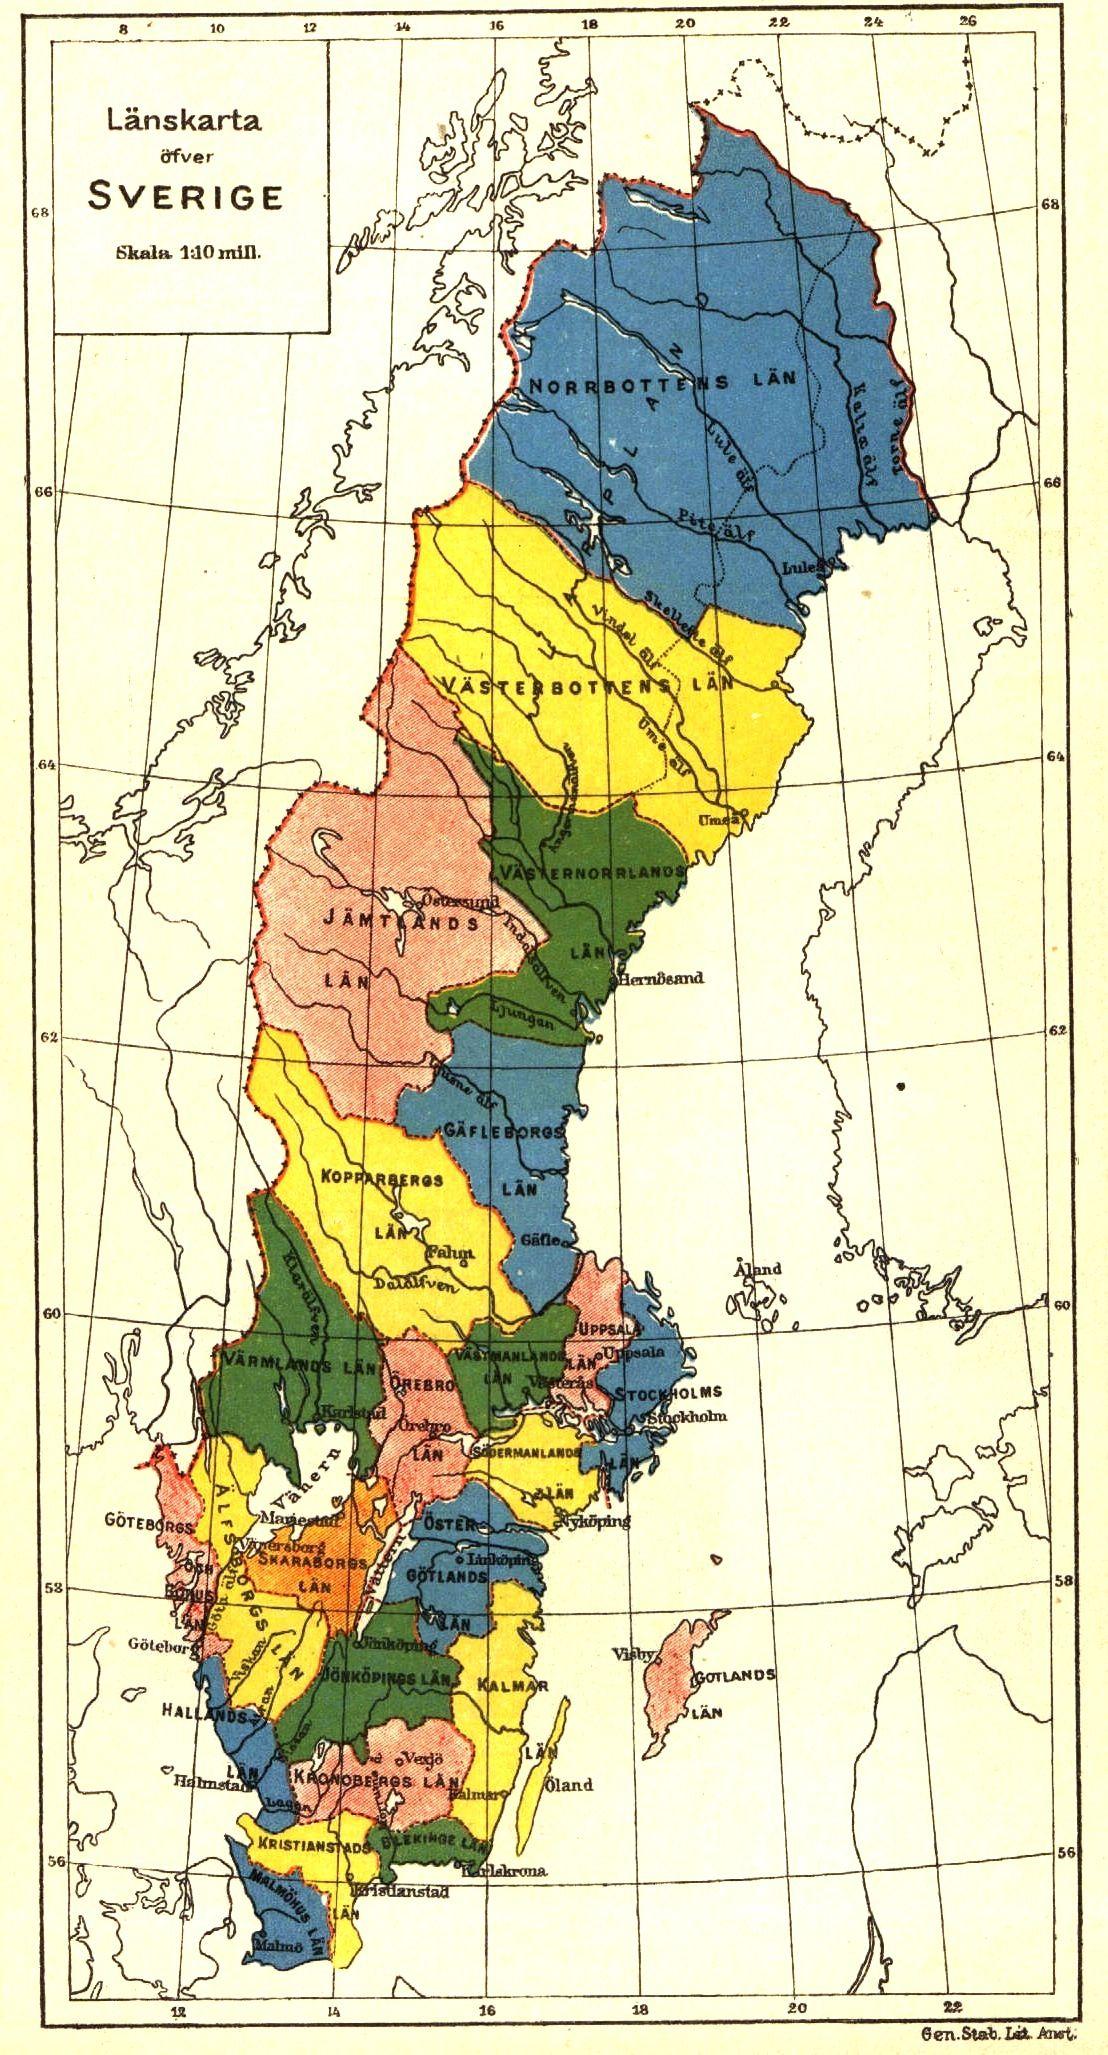 svensk karta län svenska län karta   Google Search | Sweden & Swedish | Pinterest svensk karta län